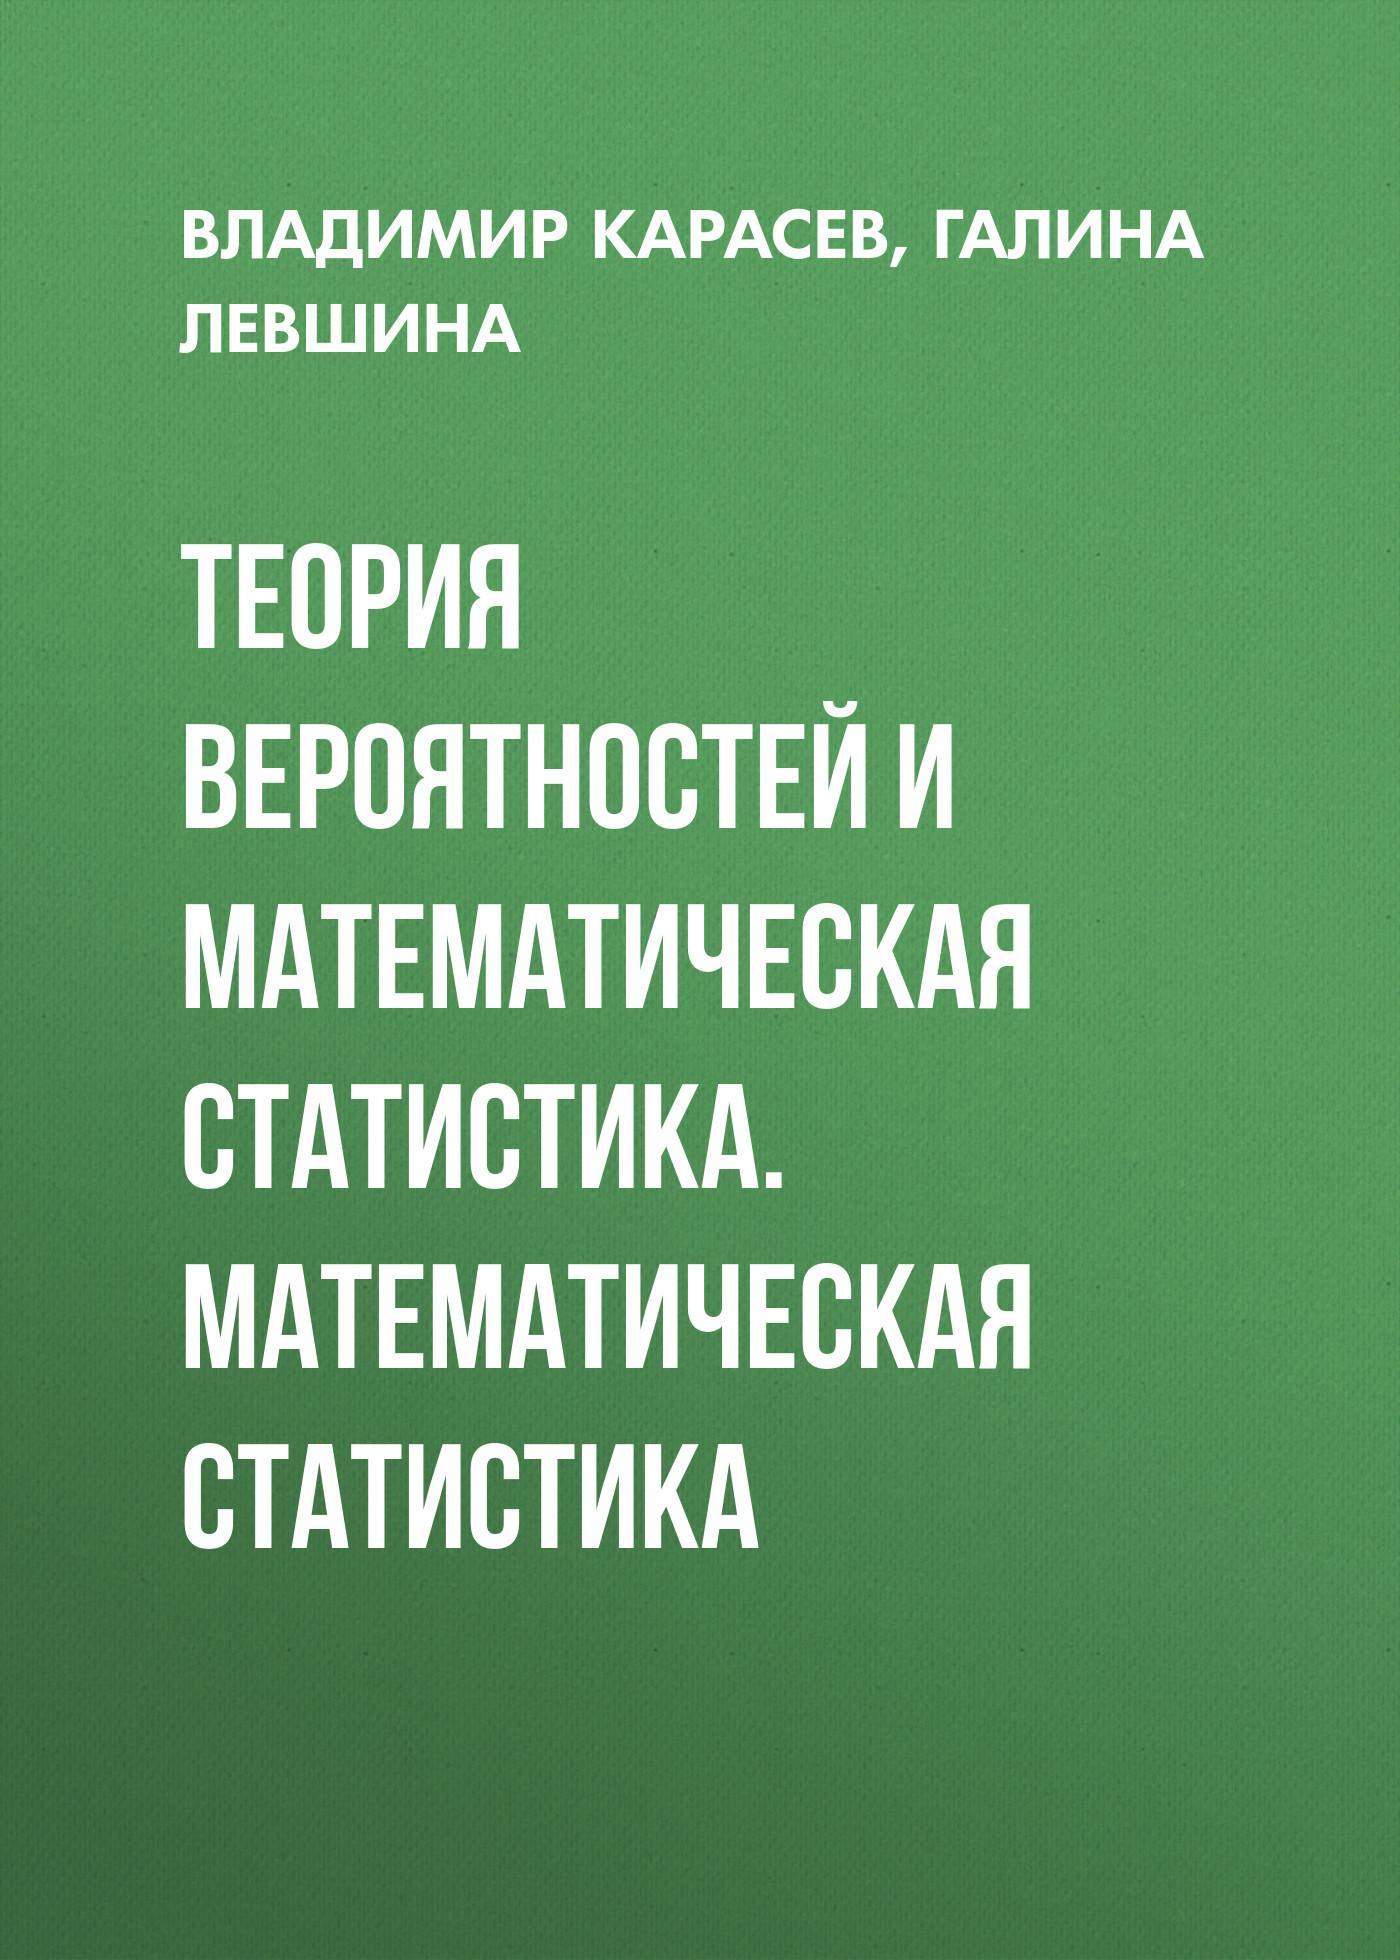 Владимир Карасев Теория вероятностей и математическая статистика. Математическая статистика